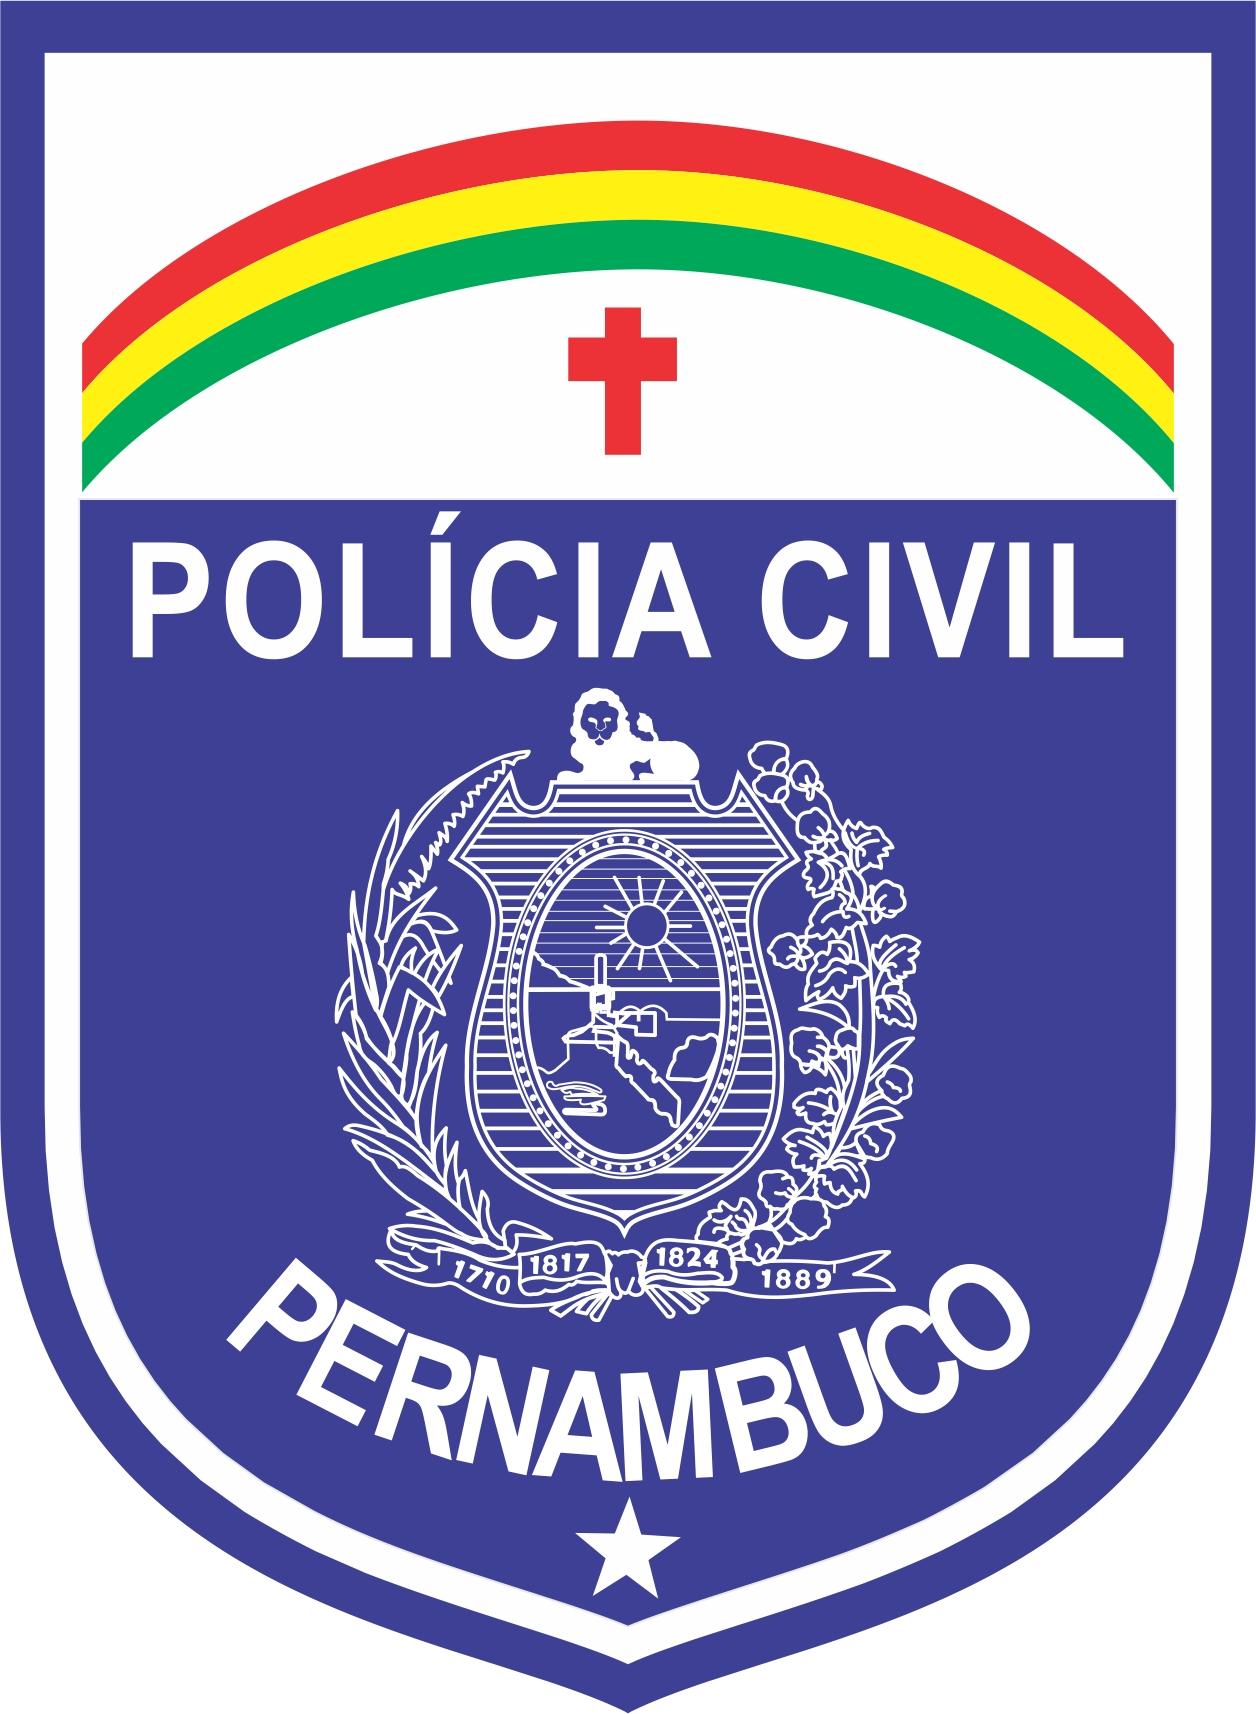 Saiu o edital para 100 vagas Delegado da Polícia Civil de Pernambuco! Inicial de R$ 9 mil!